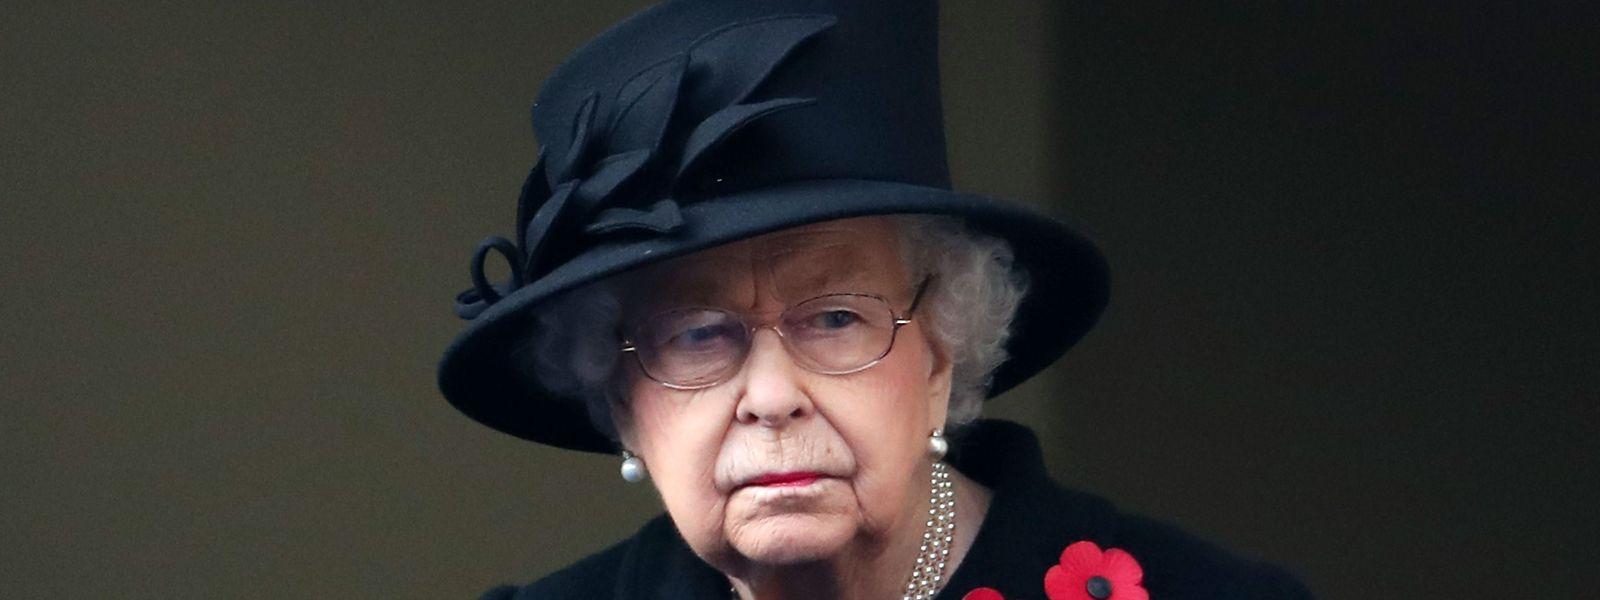 Ganz in Schwarz gedenkt die Queen der Weltkriegsopfer am Cenotaph-Monument.